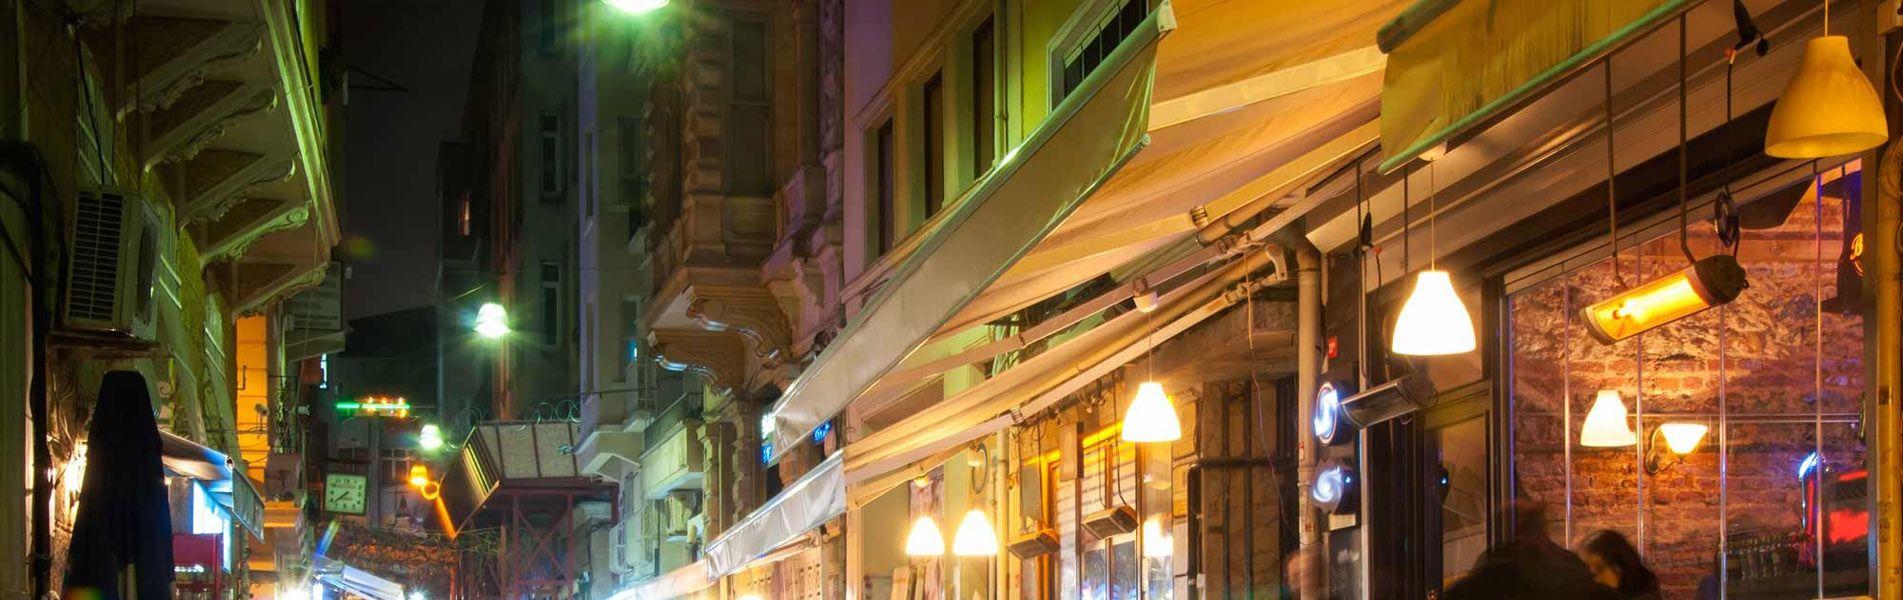 Turquía de noche